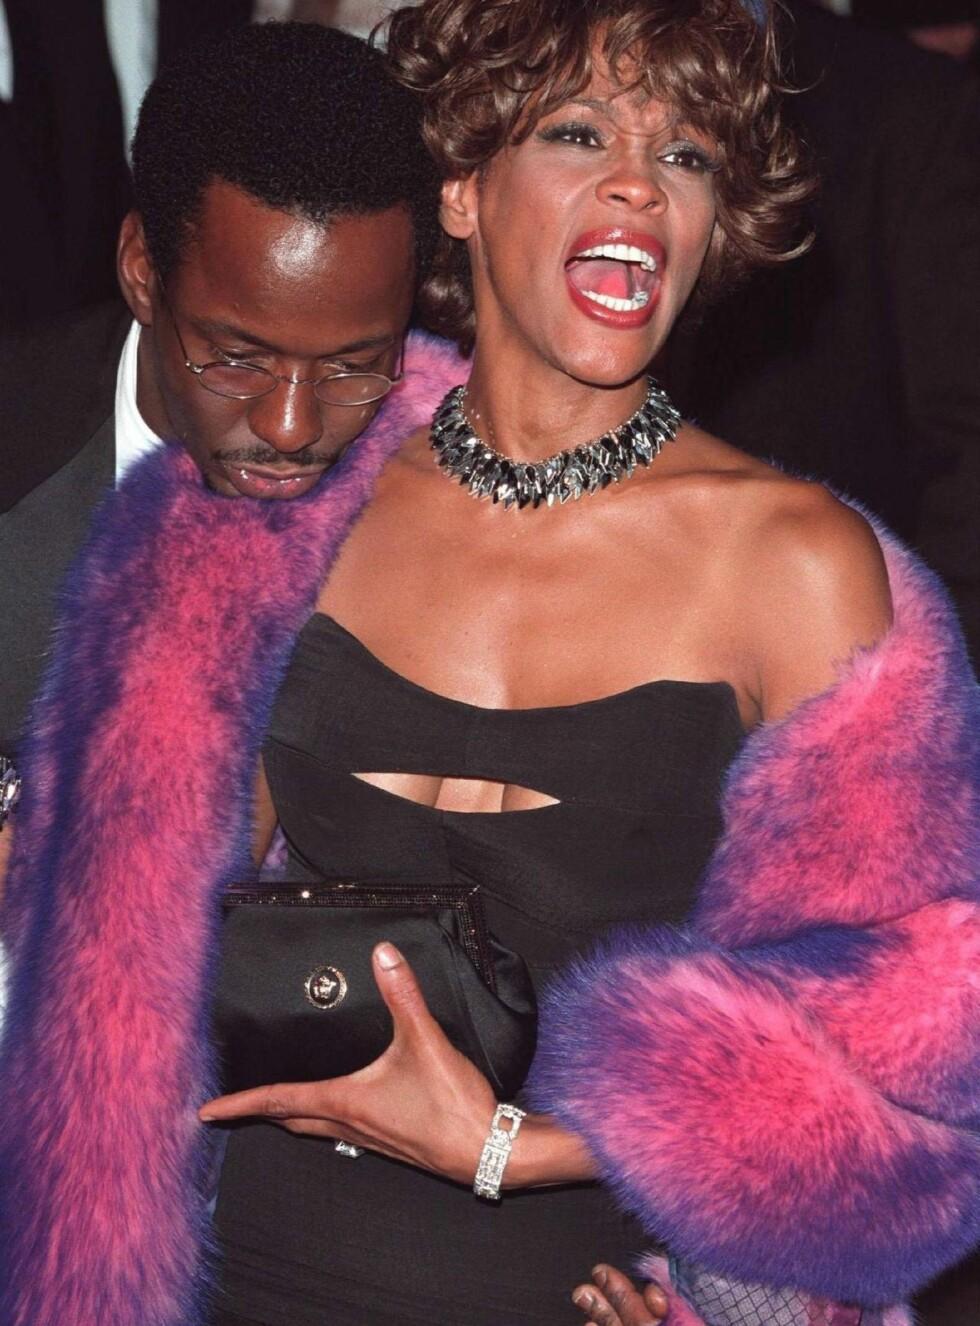 SKANDALEPAR: Bobby Brown og Whitney Houston ble kjent for stt narkotikamisbruk og sine mange skandaler. Nå ser det ut til at Bobby fortsetter i samme stil som single. Foto: Stella Pictures